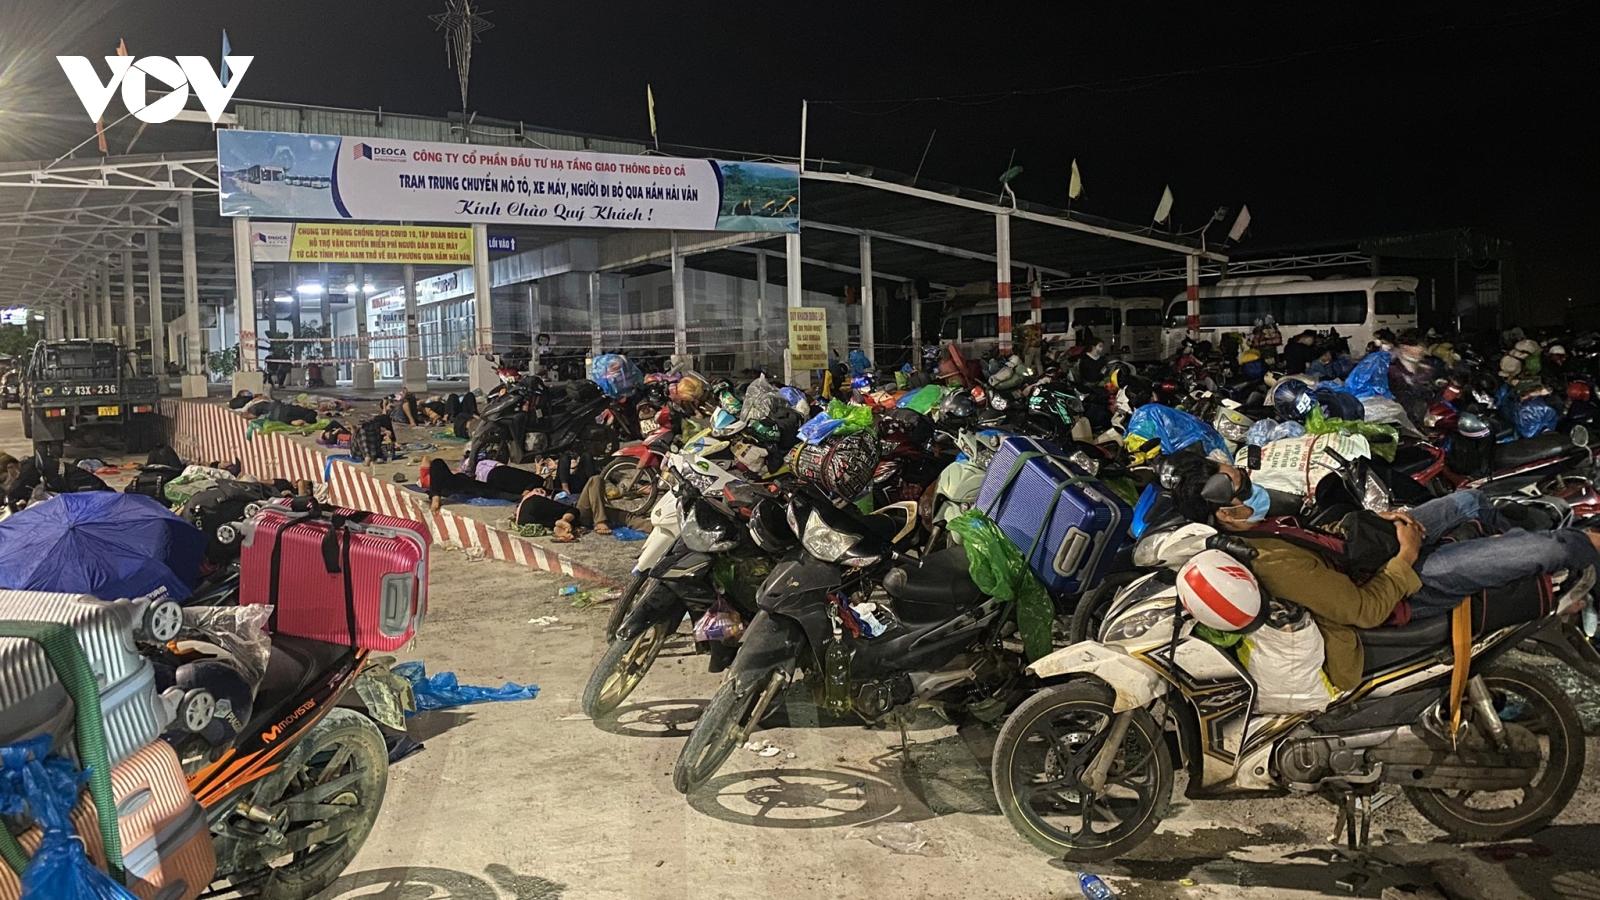 Hàng nghìn người làm việc ở các tỉnh phía Nam đi xe máy về các tỉnh, miền